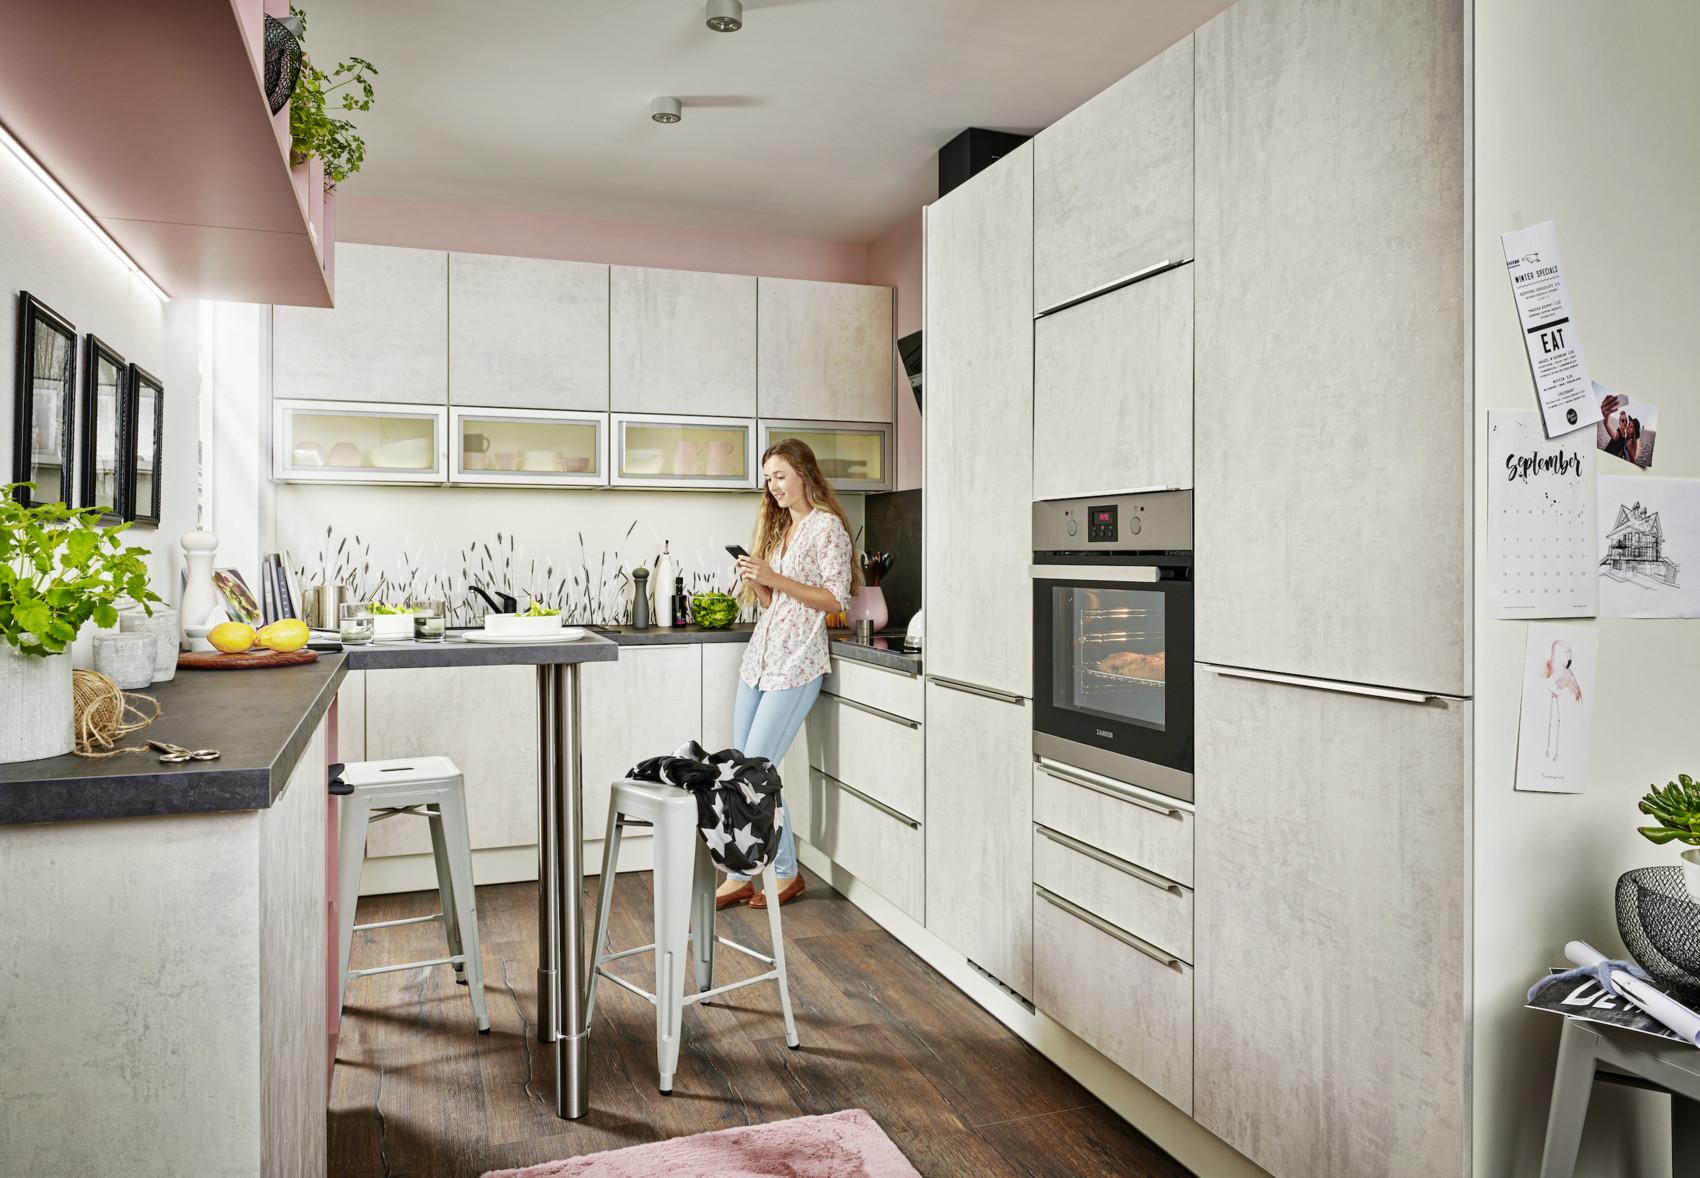 Full Size of Home Kchen Nolte Betten Küche Schlafzimmer Wohnzimmer Nolte Blendenbefestigung